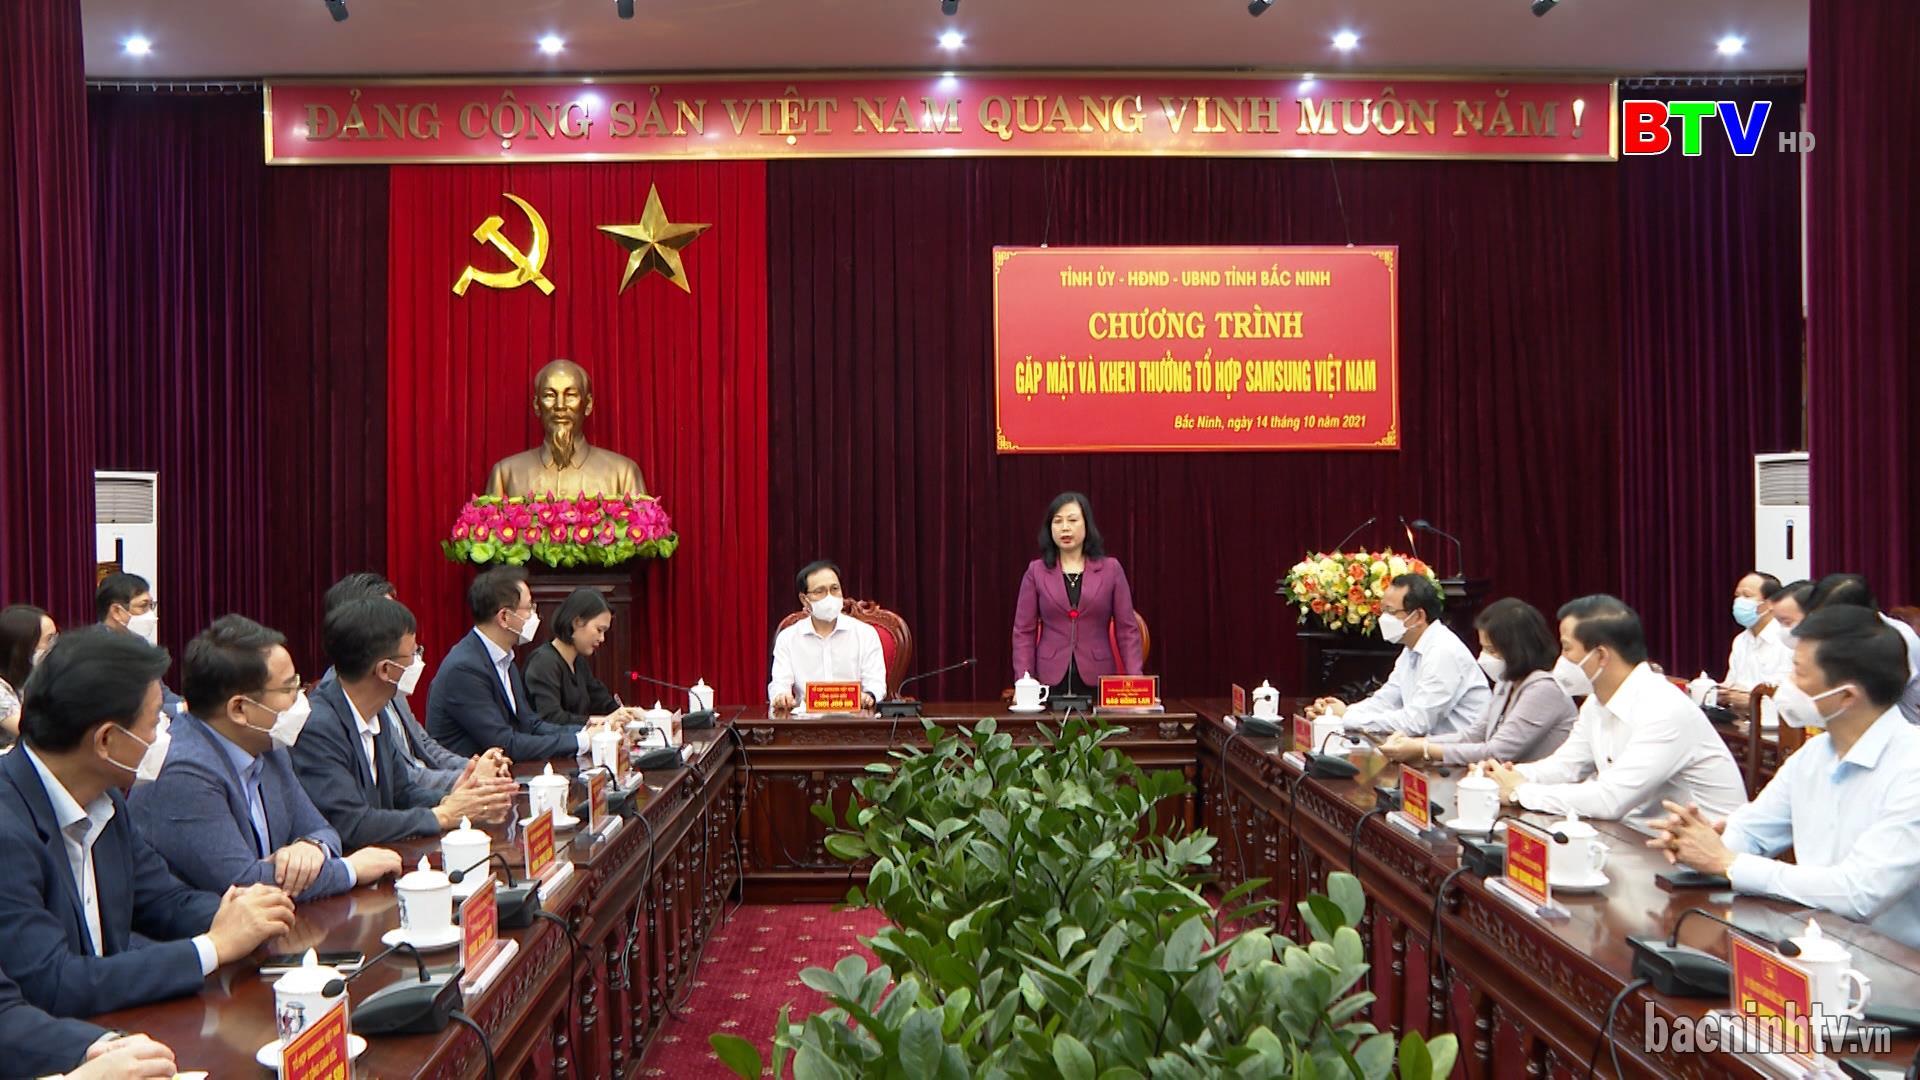 Gặp mặt và khen thưởng tổ hợp SamSung Việt Nam